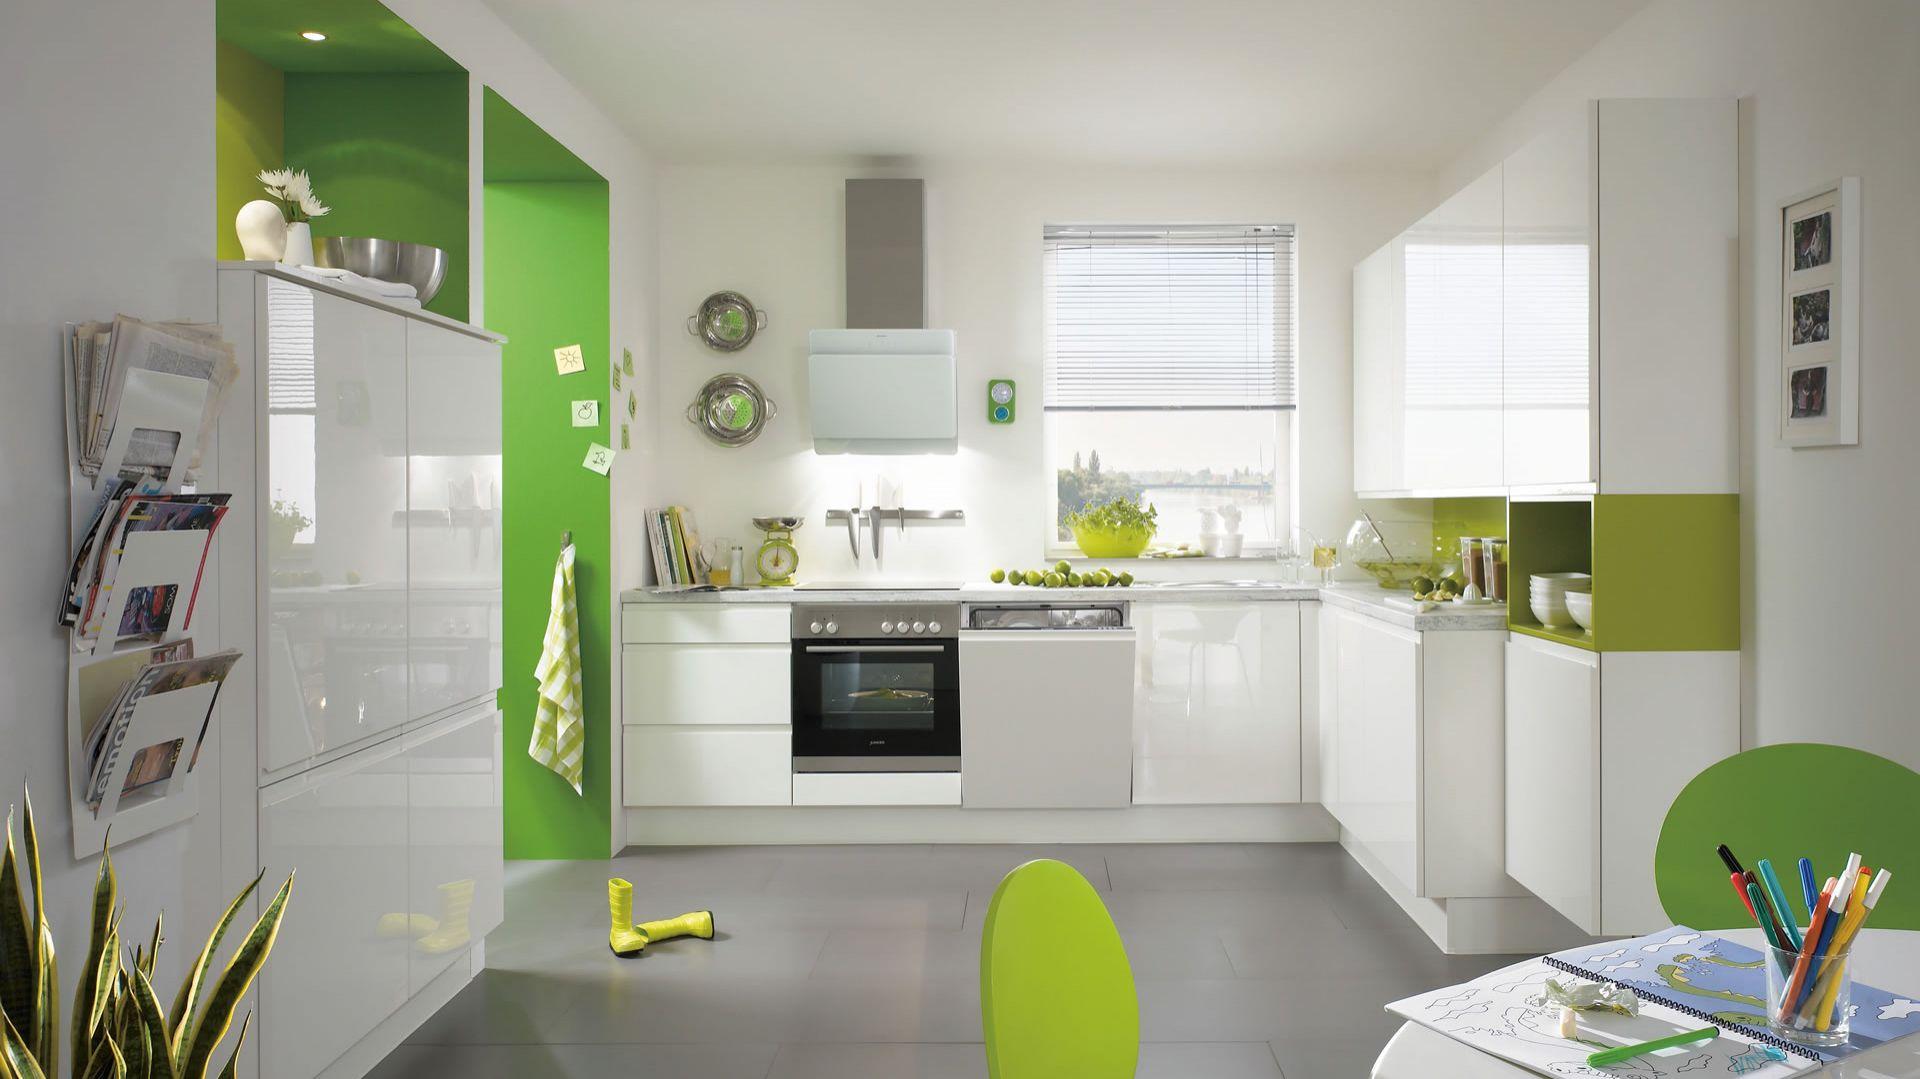 Połączenie bieli na wysoki połysk z soczystą, limonkową zielenią sprawi, że wnętrze będzie energetyczne i wesołe. Na zdjęciu kuchnia Pura 834. Fot. Nobilia